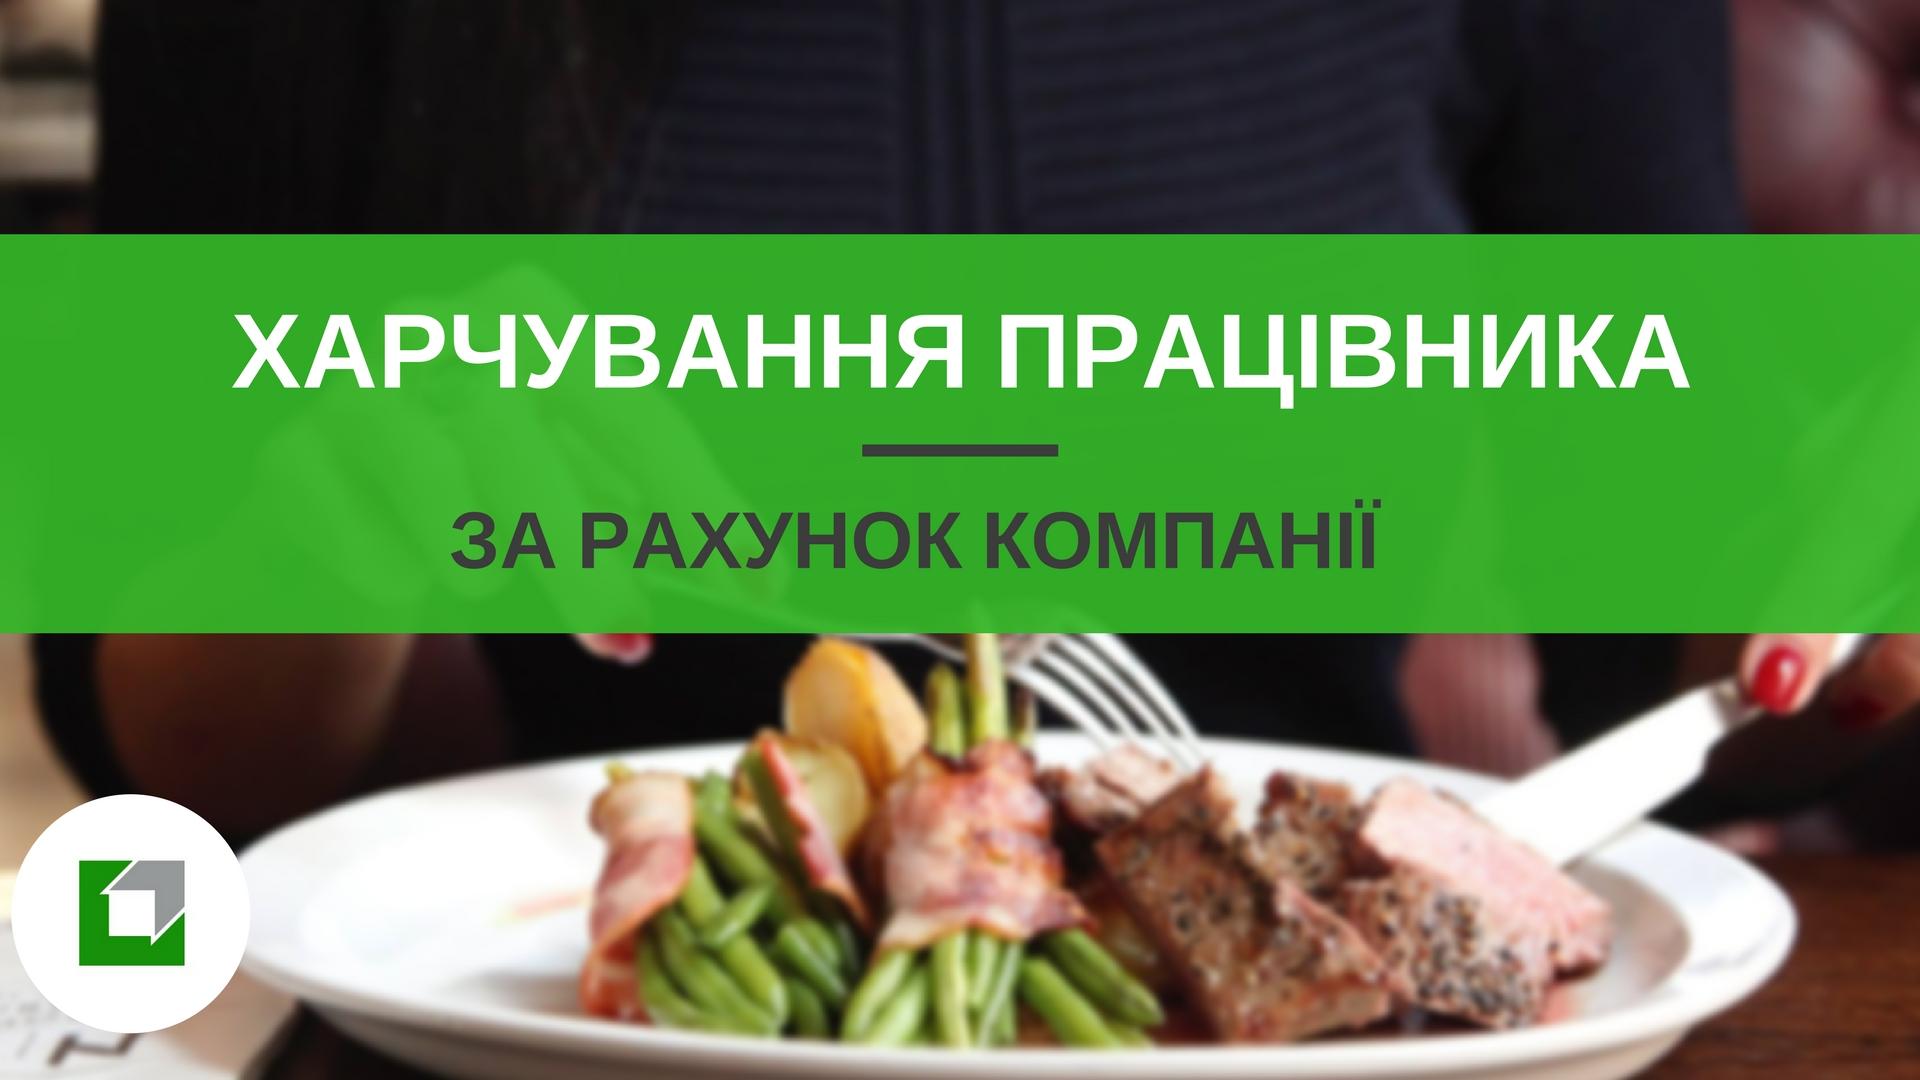 Харчування працівника за рахунок компанії